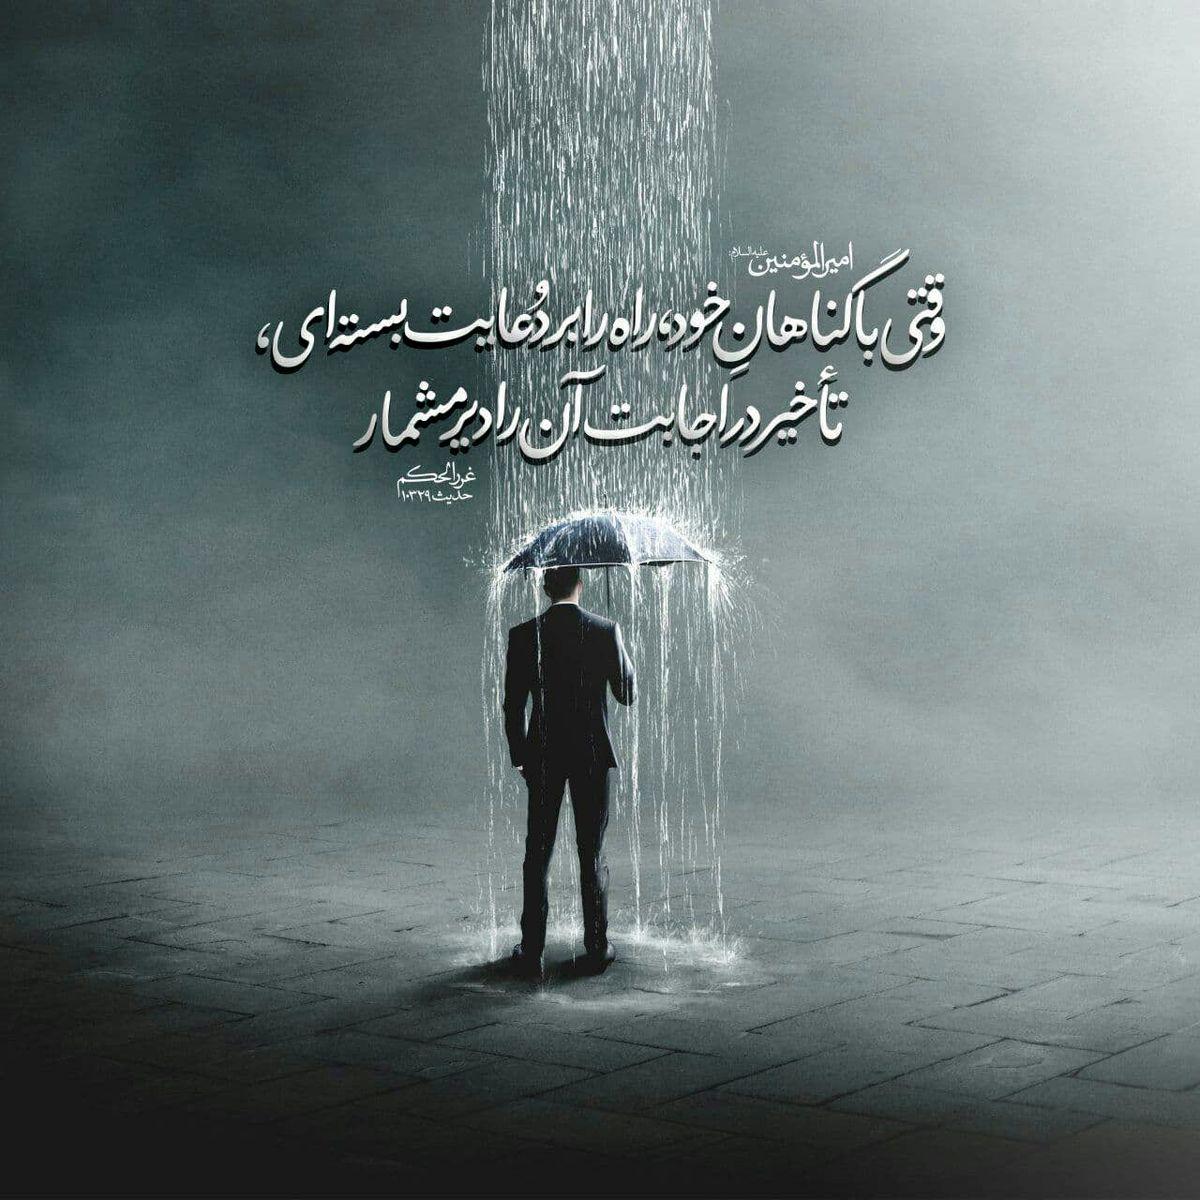 حدیث نورانی حضرت علی (ع) درمورد تأخیر در اجابت دعا